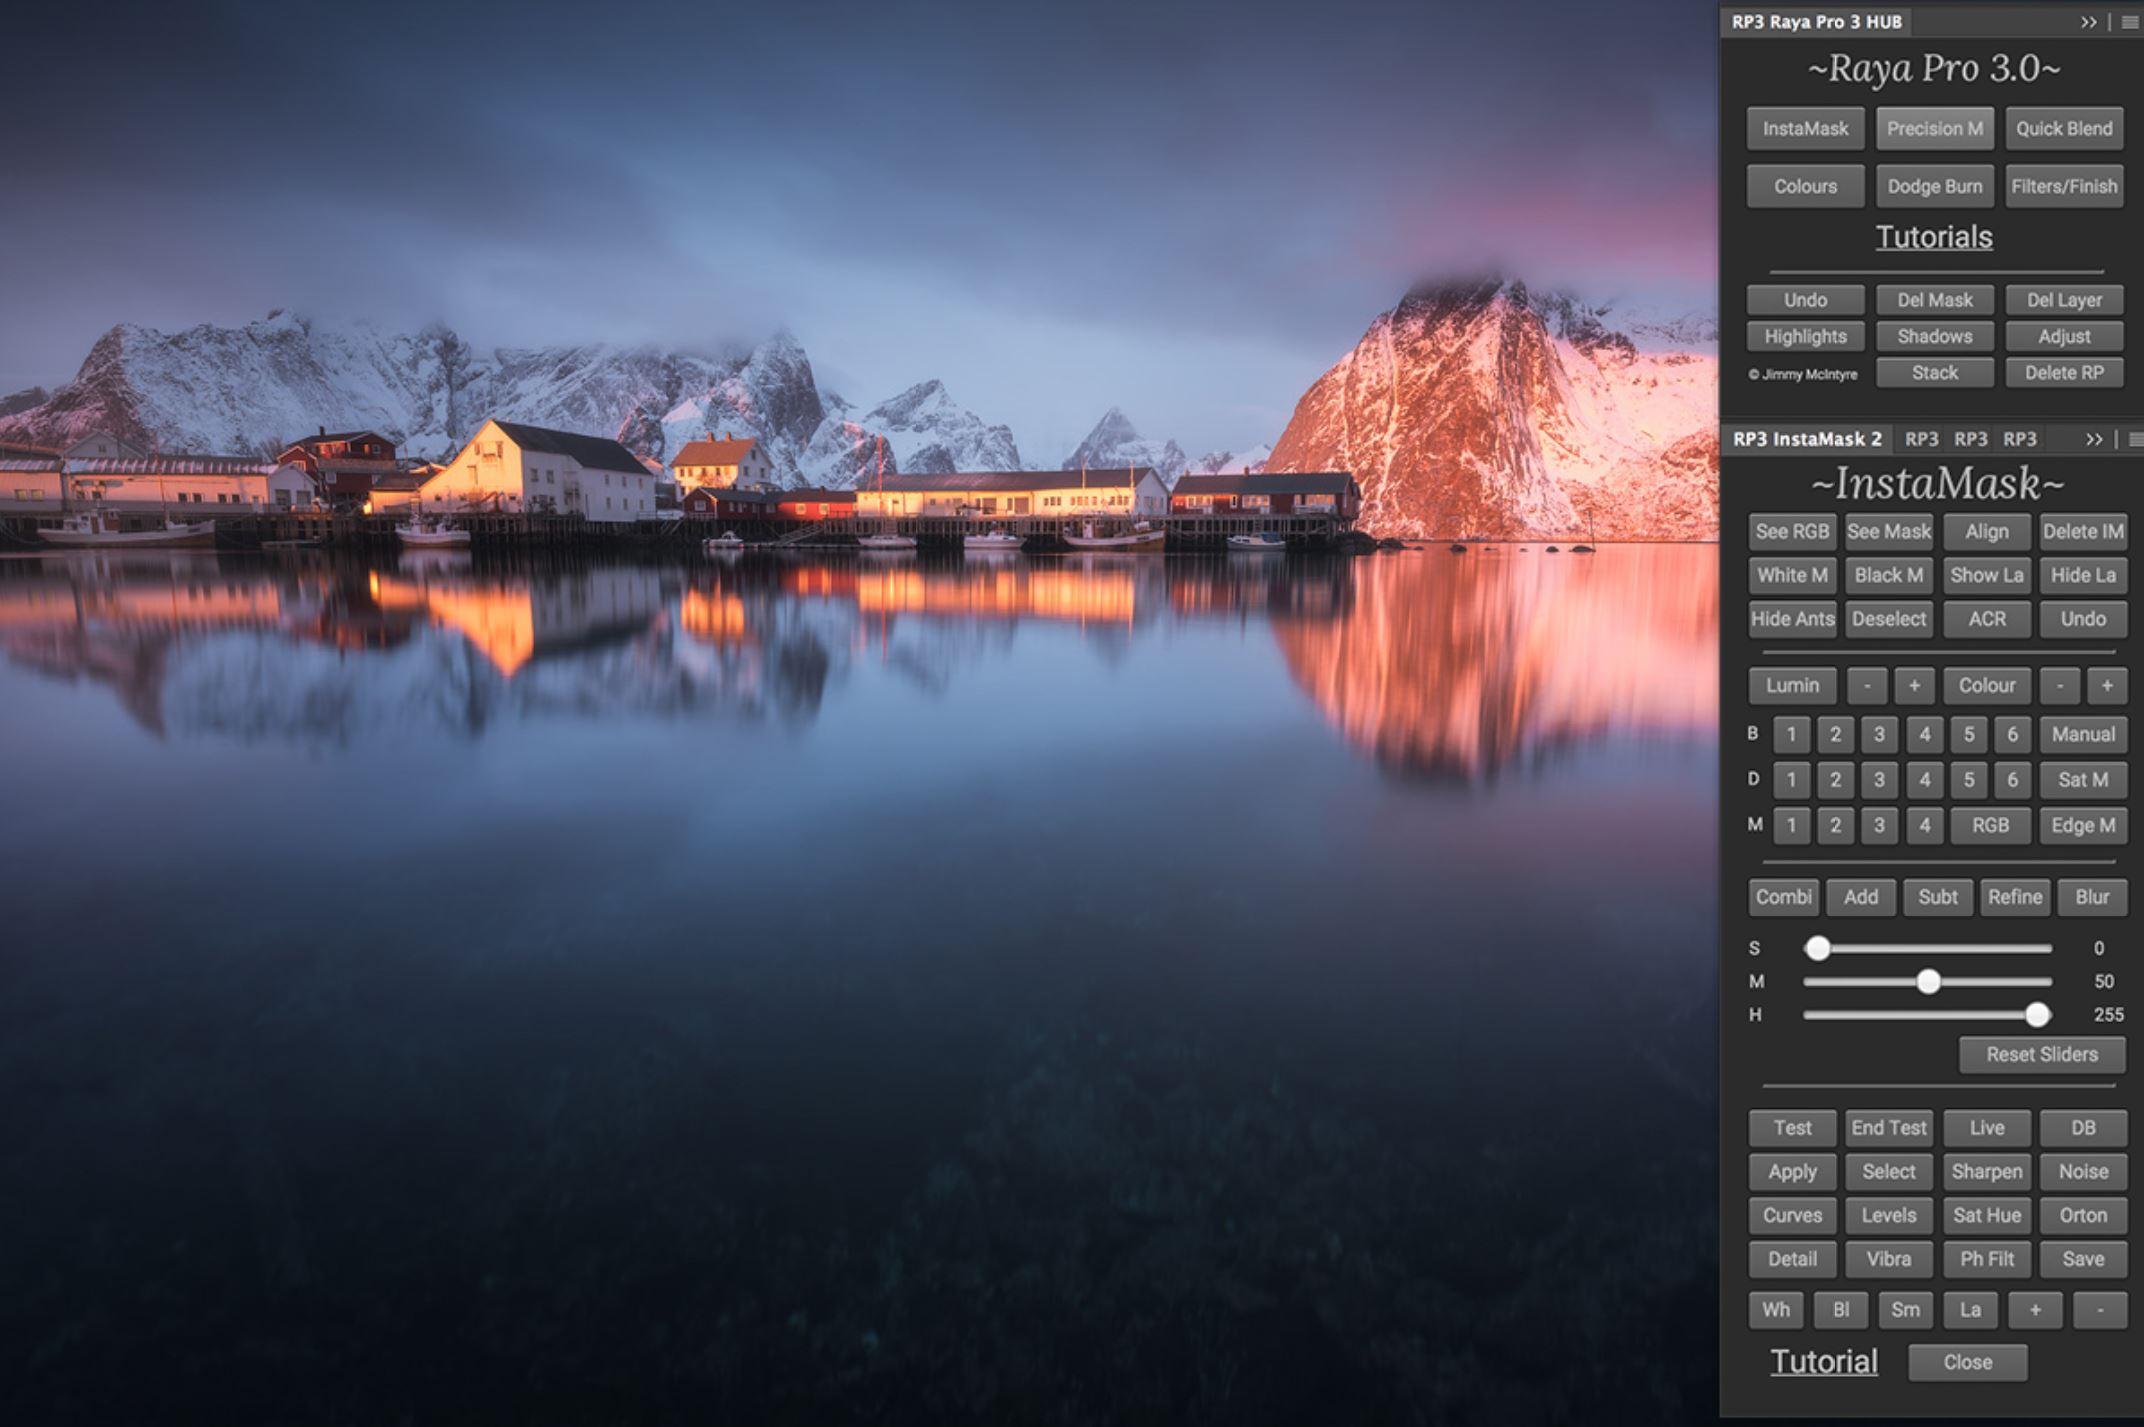 دانلود پنل فتوشاپ Raya Pro v3.0 - ترکیب و اصلاح رنگ تصاویر